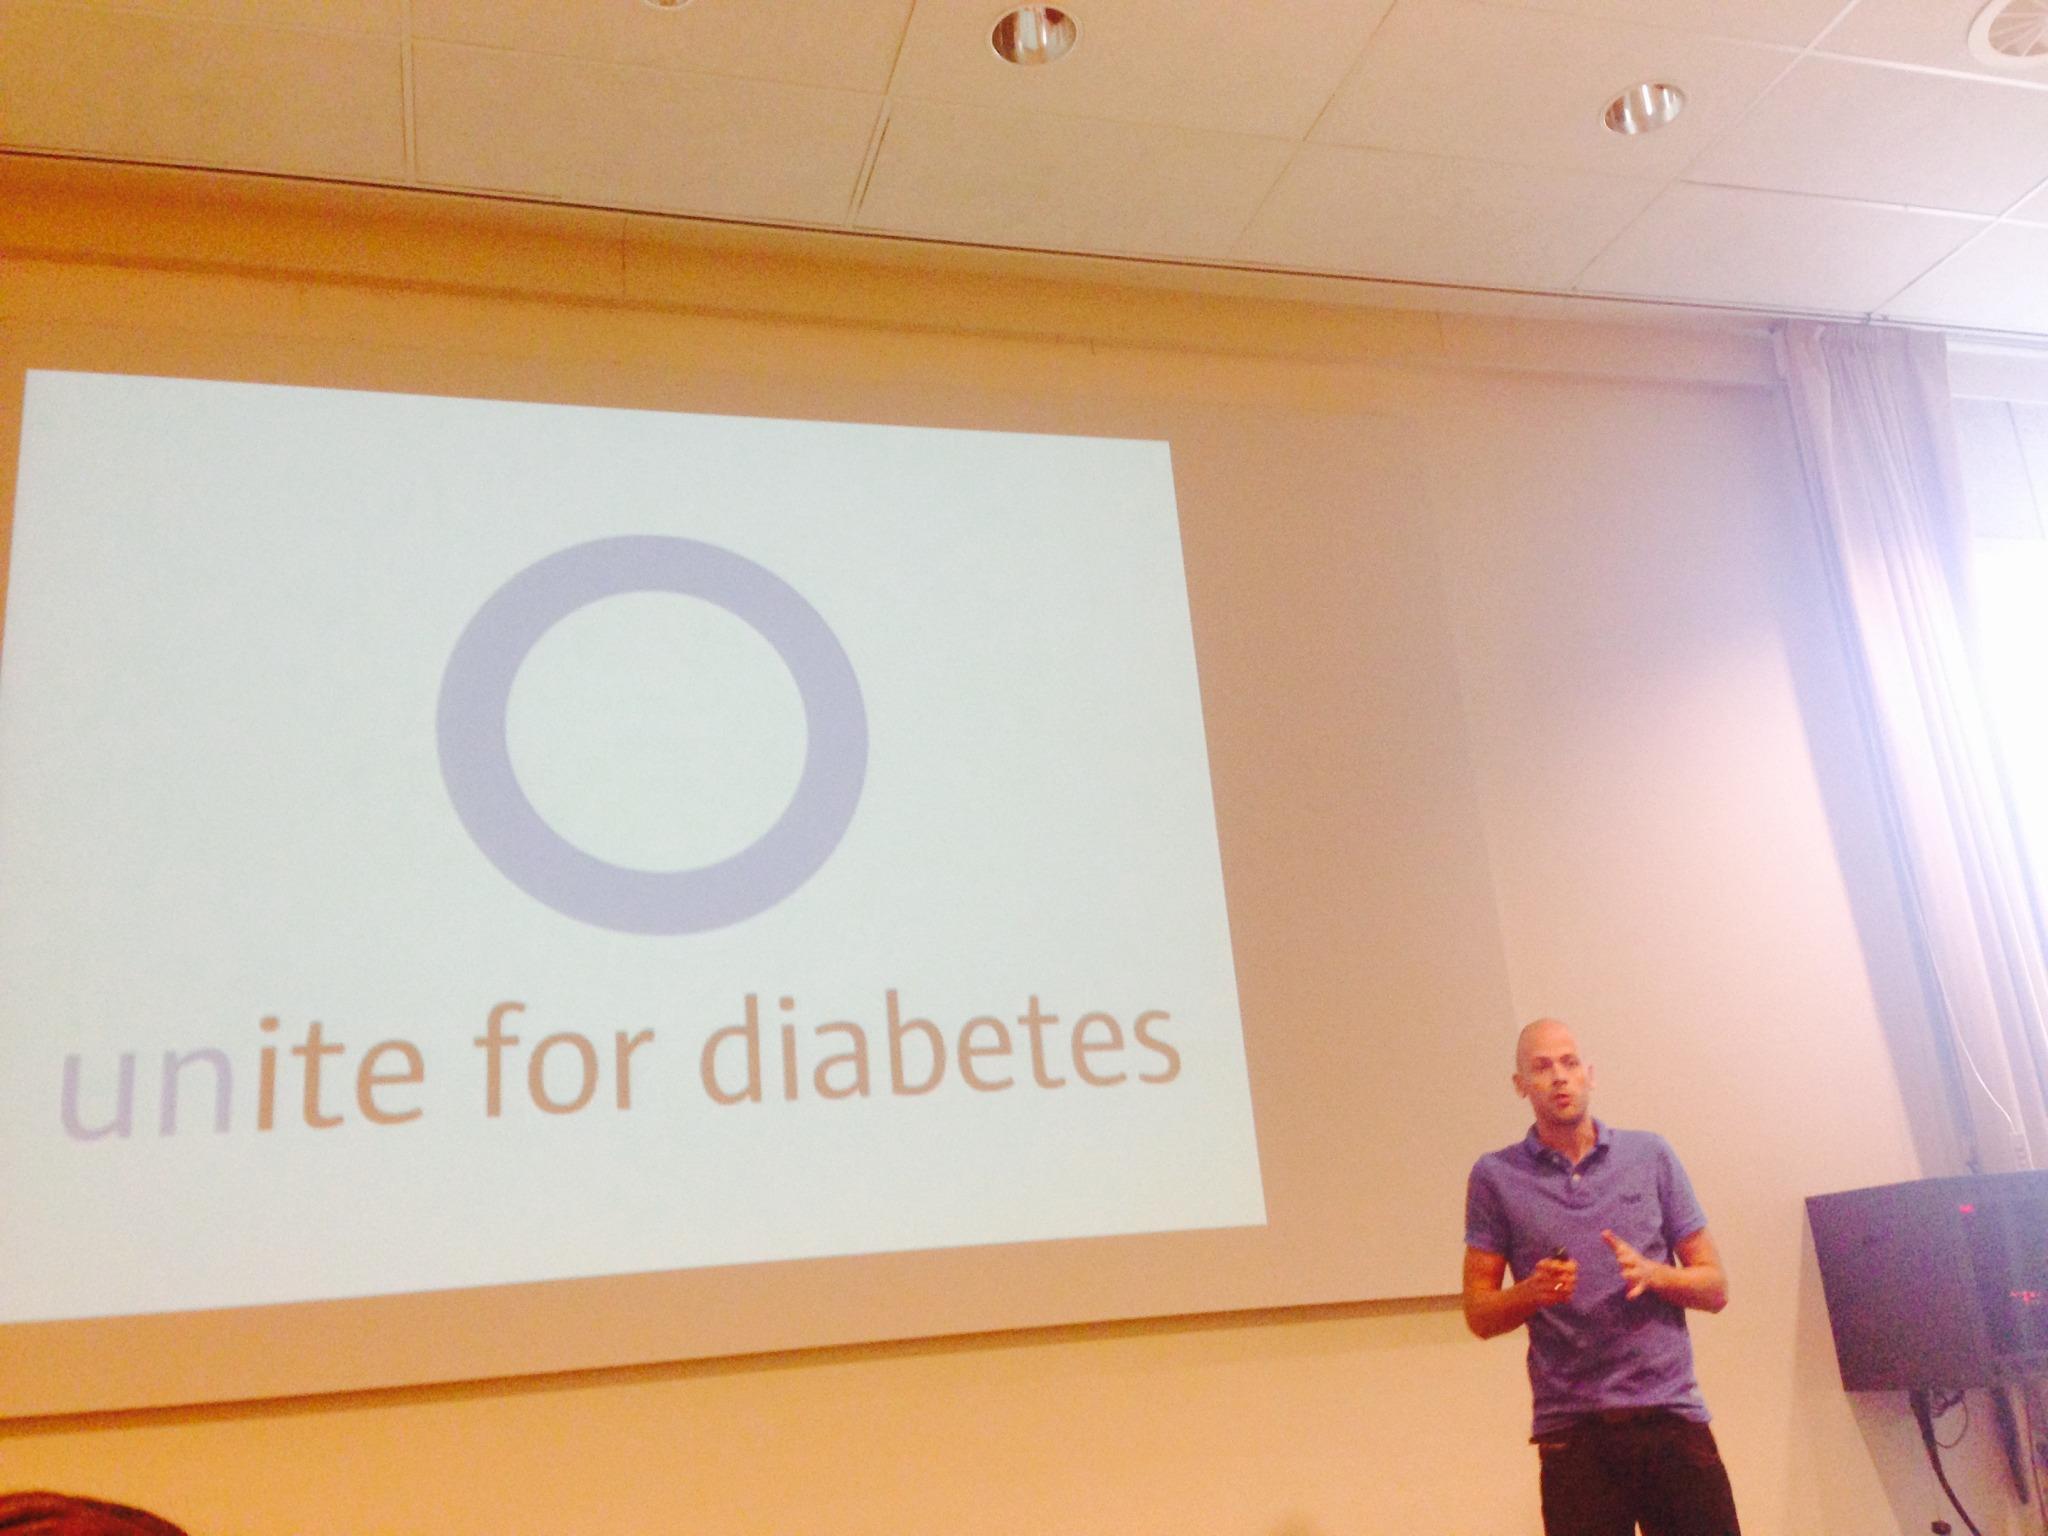 Jeroen Flim előadása, aki a Bas van Goor alapítvány munkatársa, régóta 1-es típusú cukorbeteg.